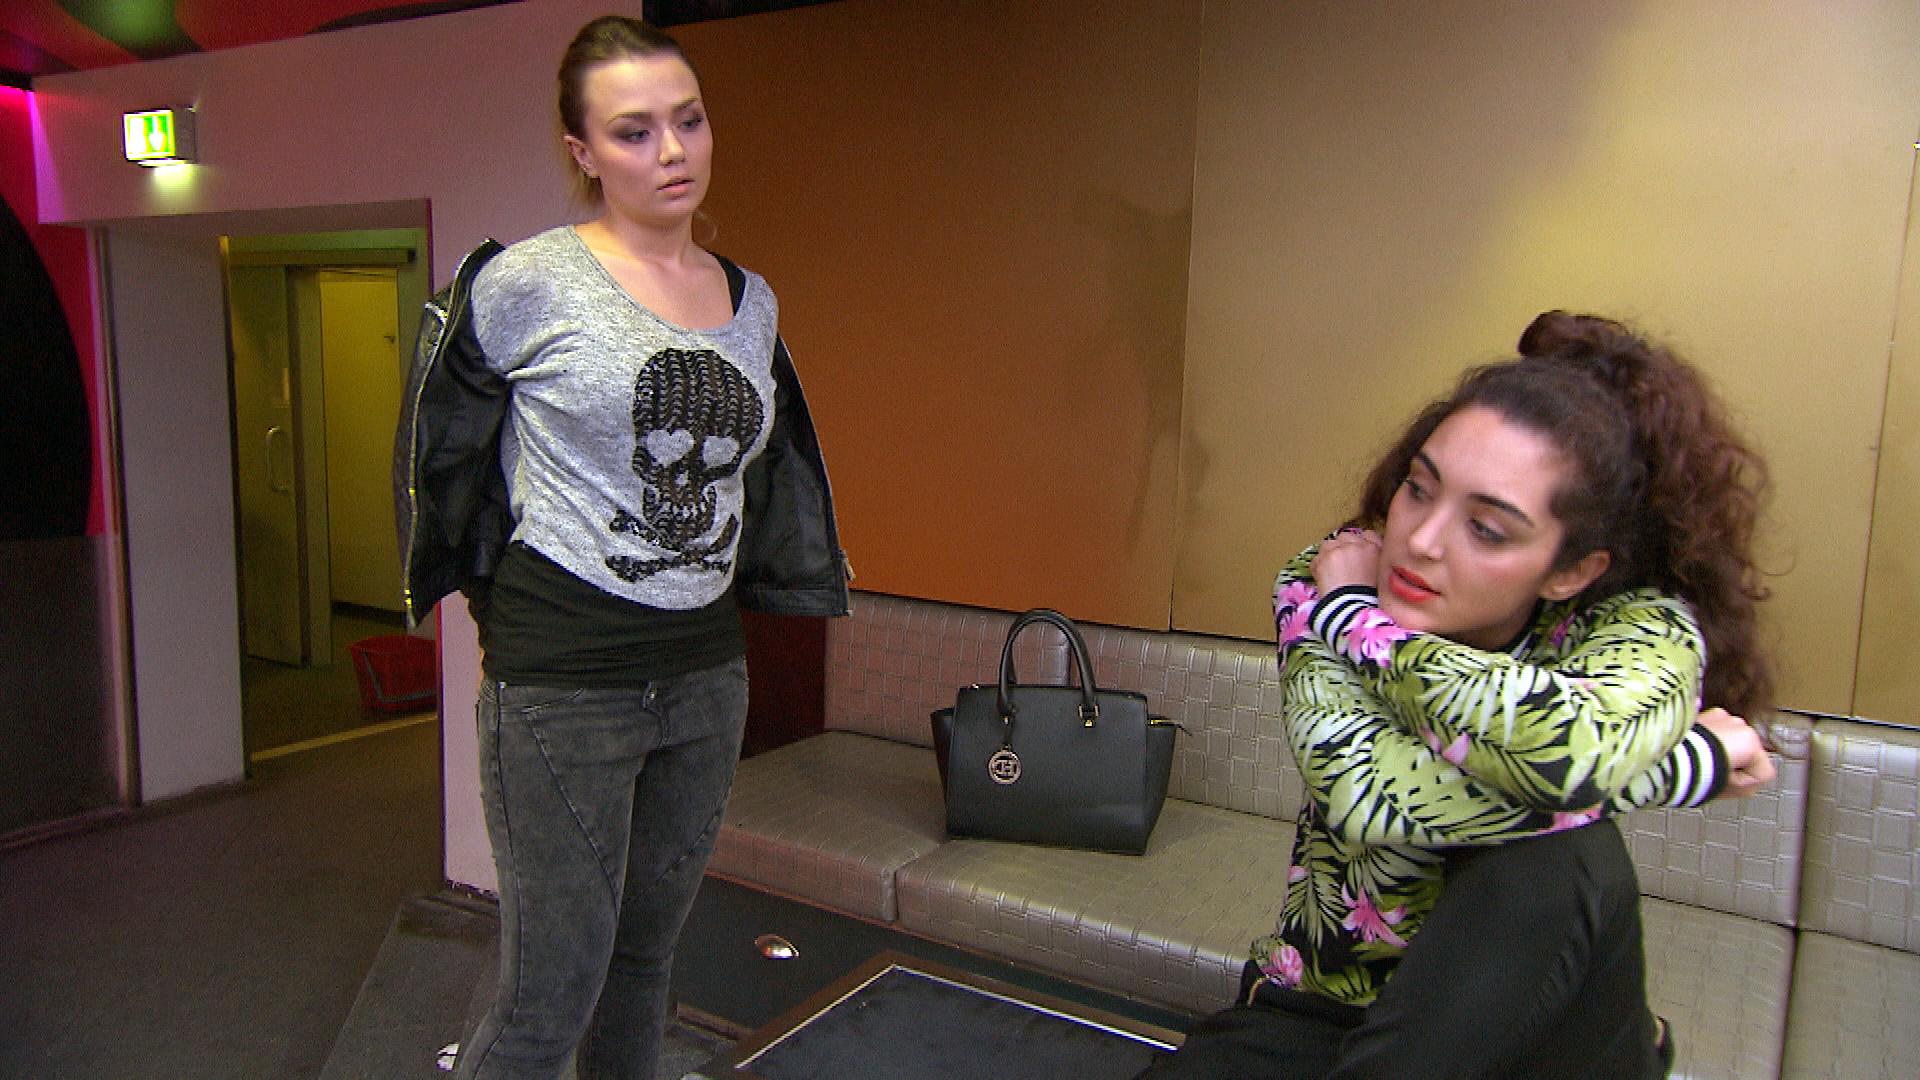 Joleen (re.) leidet unter der Trennung von Cem. Laura (li.) versucht sie zu trösten.. (Quelle: RTL 2)